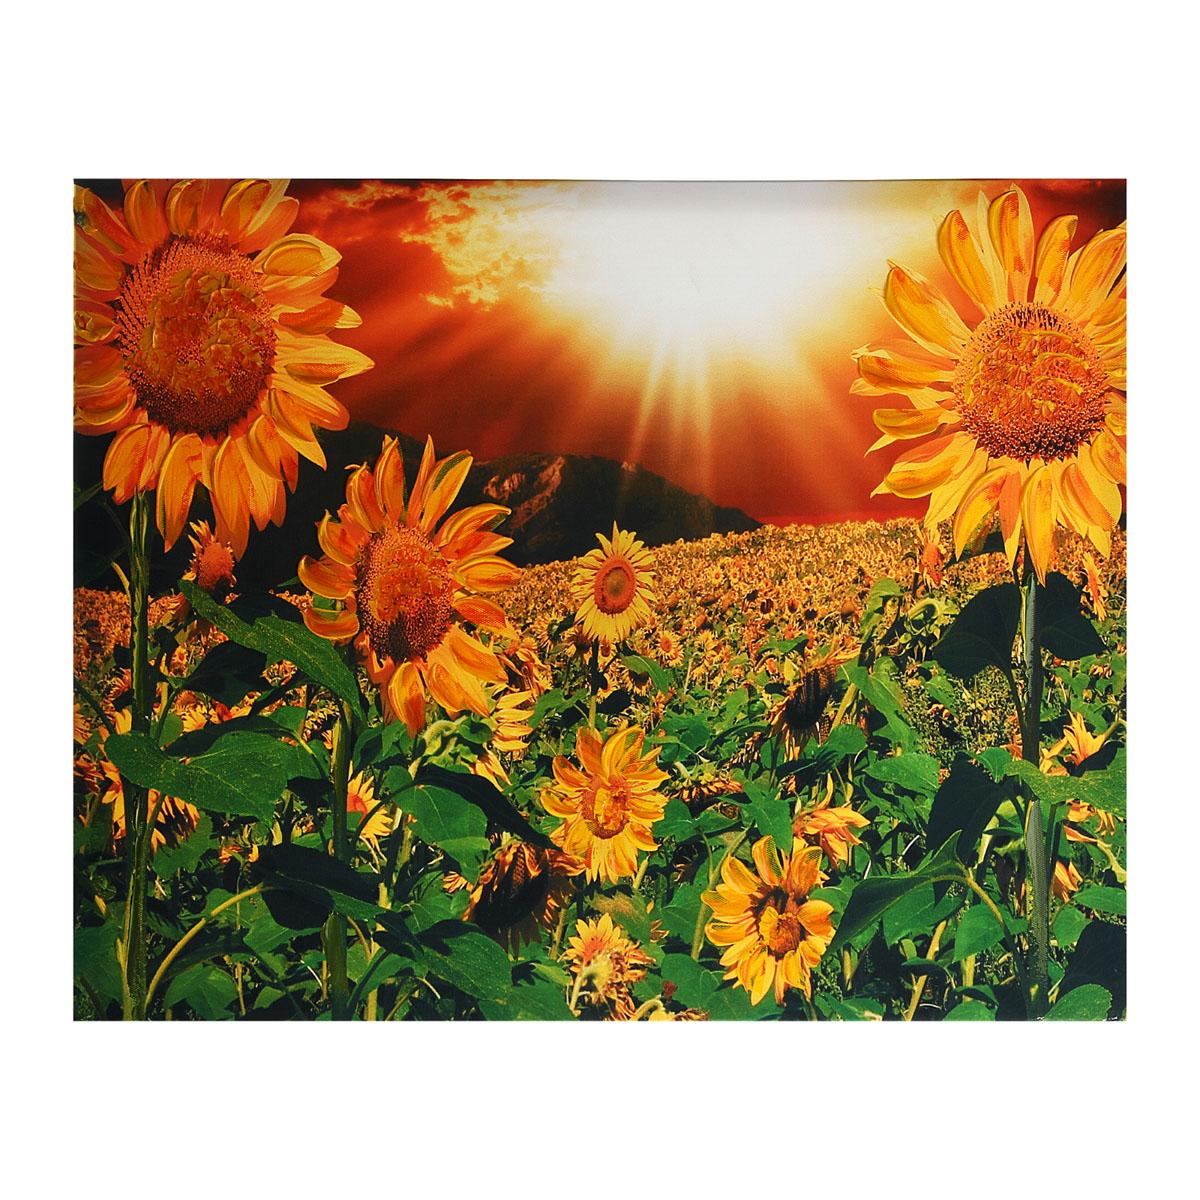 Картина на холсте Sima-land Подсолнухи под солнцем, 50 см х 40 см296668Картина Sima-land Подсолнухи под солнцем написана на холсте. На картине изображено поле с подсолнухами. Особое объемное изображение придает картине акрил, который нанесен поверх изображения. Картина на холсте акрилом - это классика современного живописного искусства. Картины акрилом всегда сохраняют яркий блеск, что придает картине живость. Из мелочей складывается стиль интерьера. Картина на холсте Sima-land Подсолнухи под солнцем одна из тех деталей, которые придают дому обжитой вид и создают ощущение уюта.